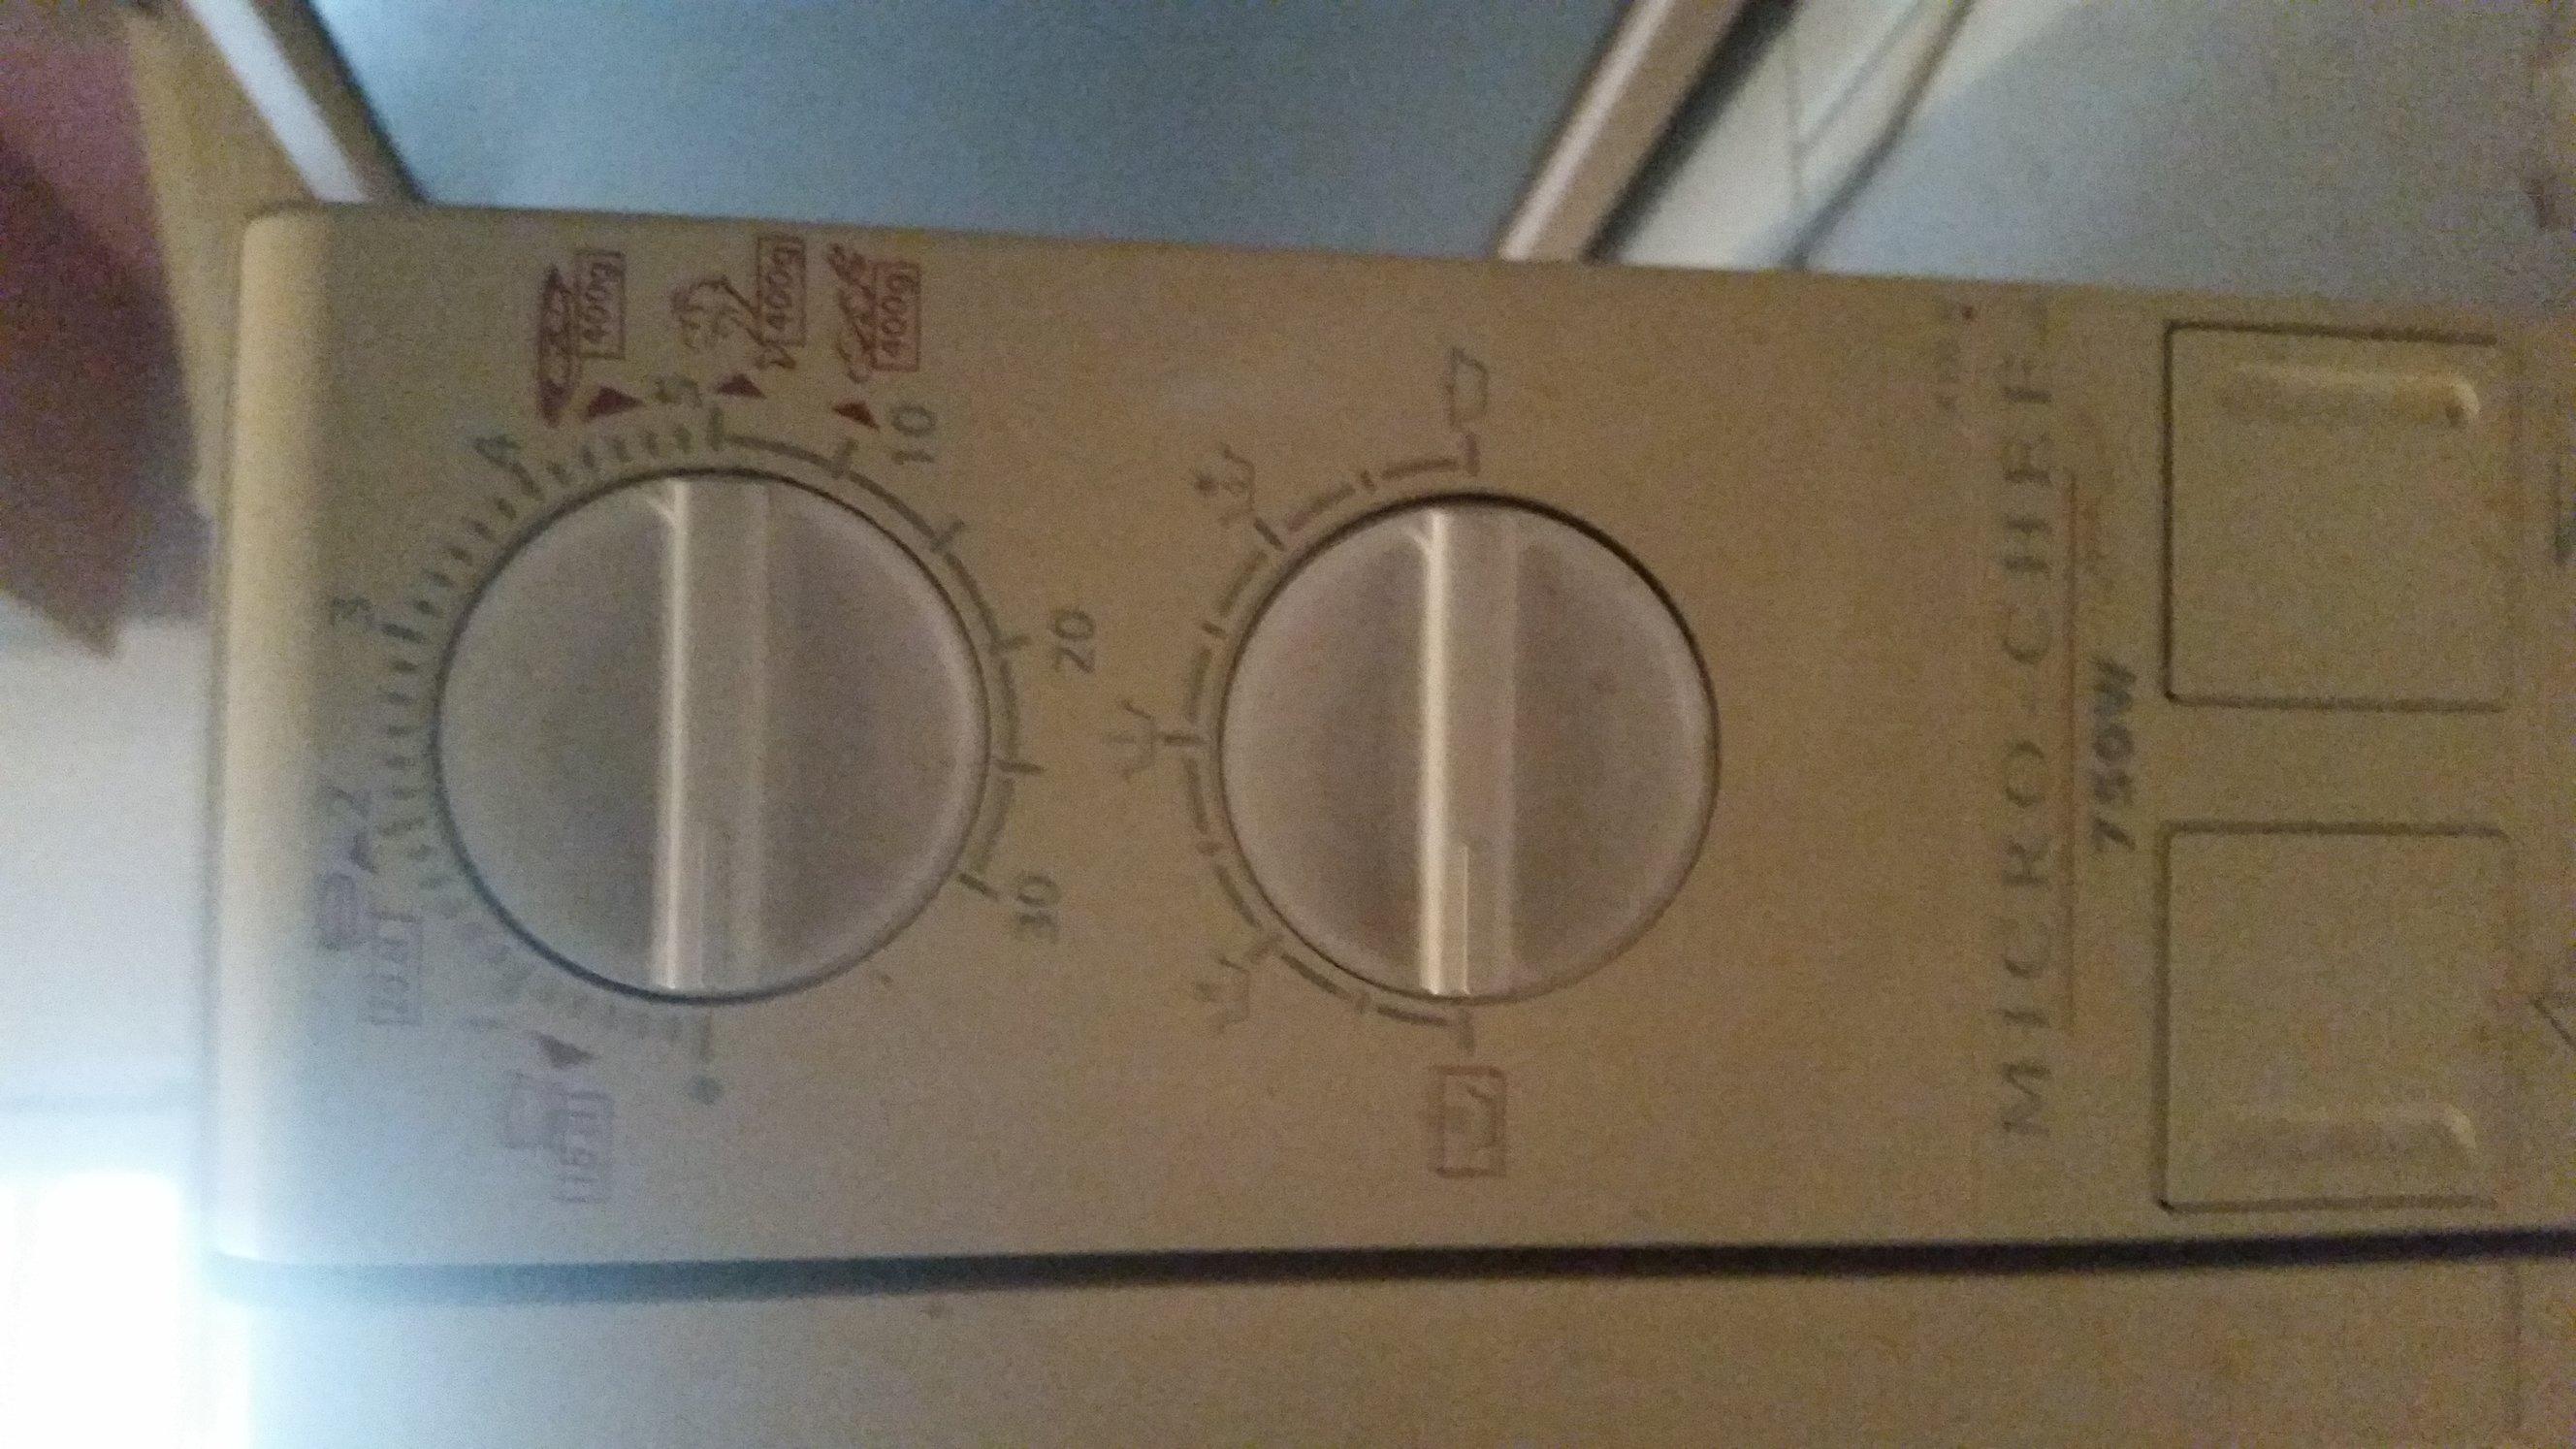 microwellen symbole und dessen bedeutung in watt kochen k che symbol. Black Bedroom Furniture Sets. Home Design Ideas